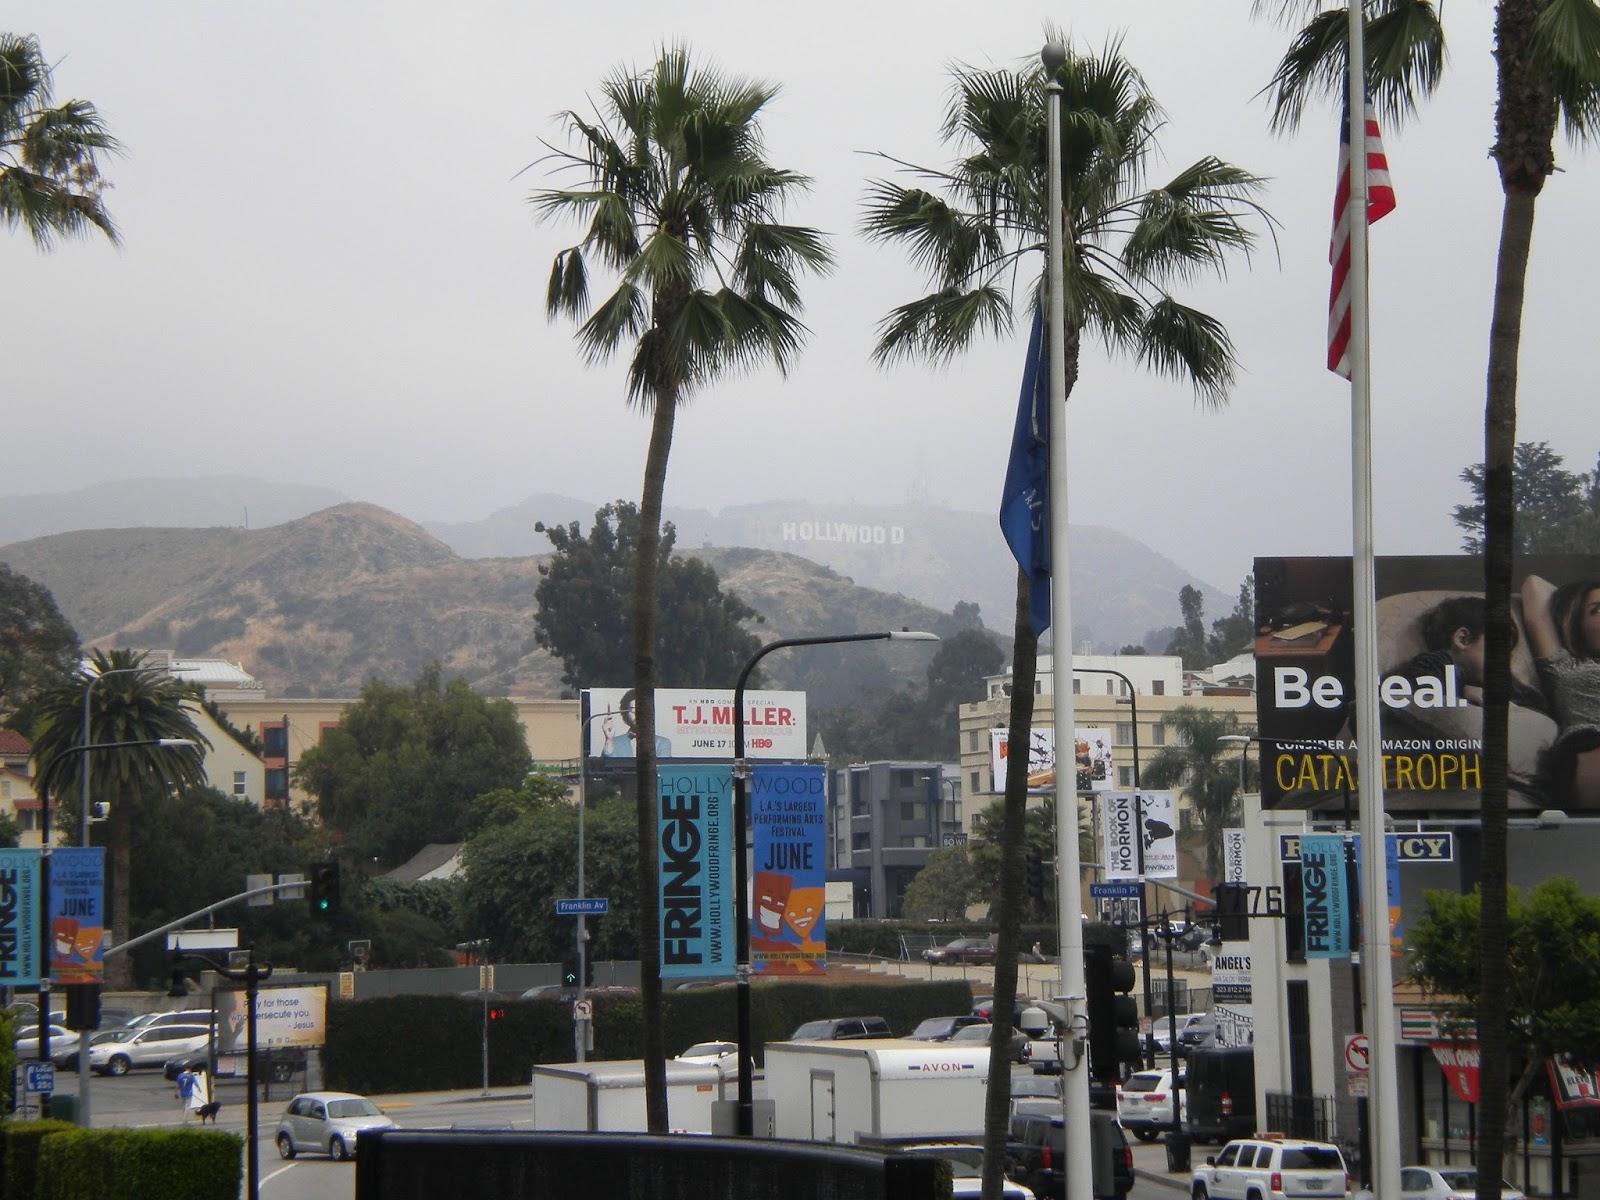 Hollywood-kyltti Los Angeles kiertoajelu Mallaspulla matkakertomus